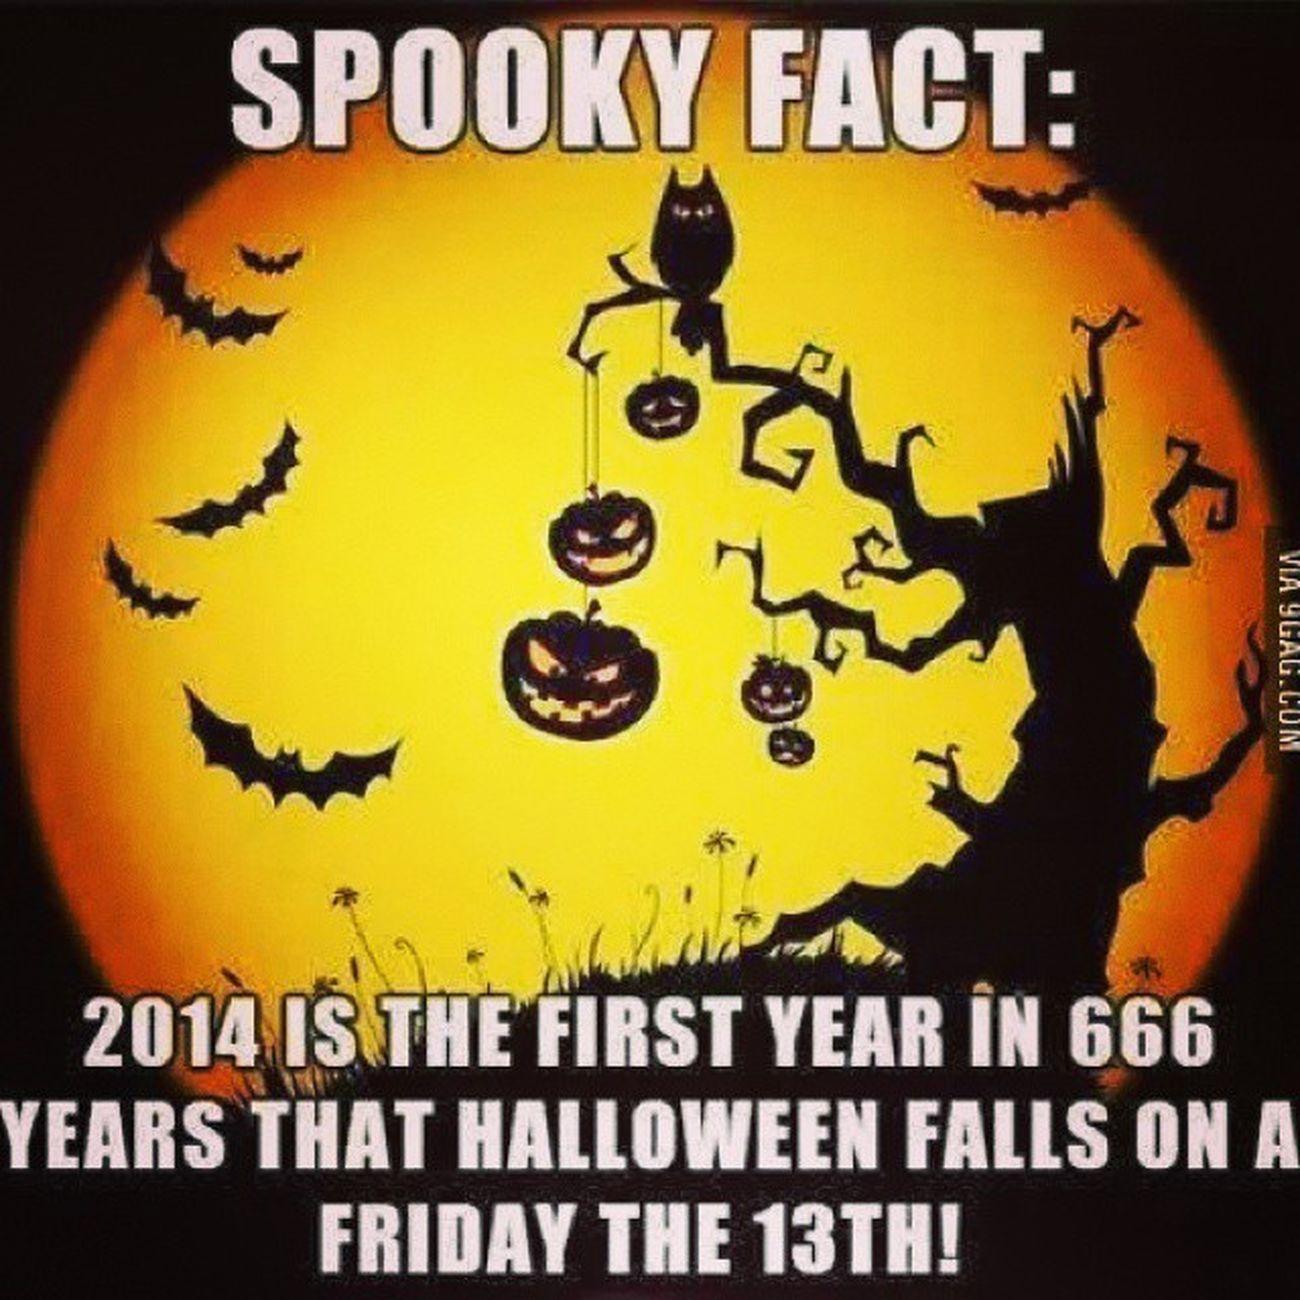 Coincidencia Estranha Nao  Vai haver halloween para mim